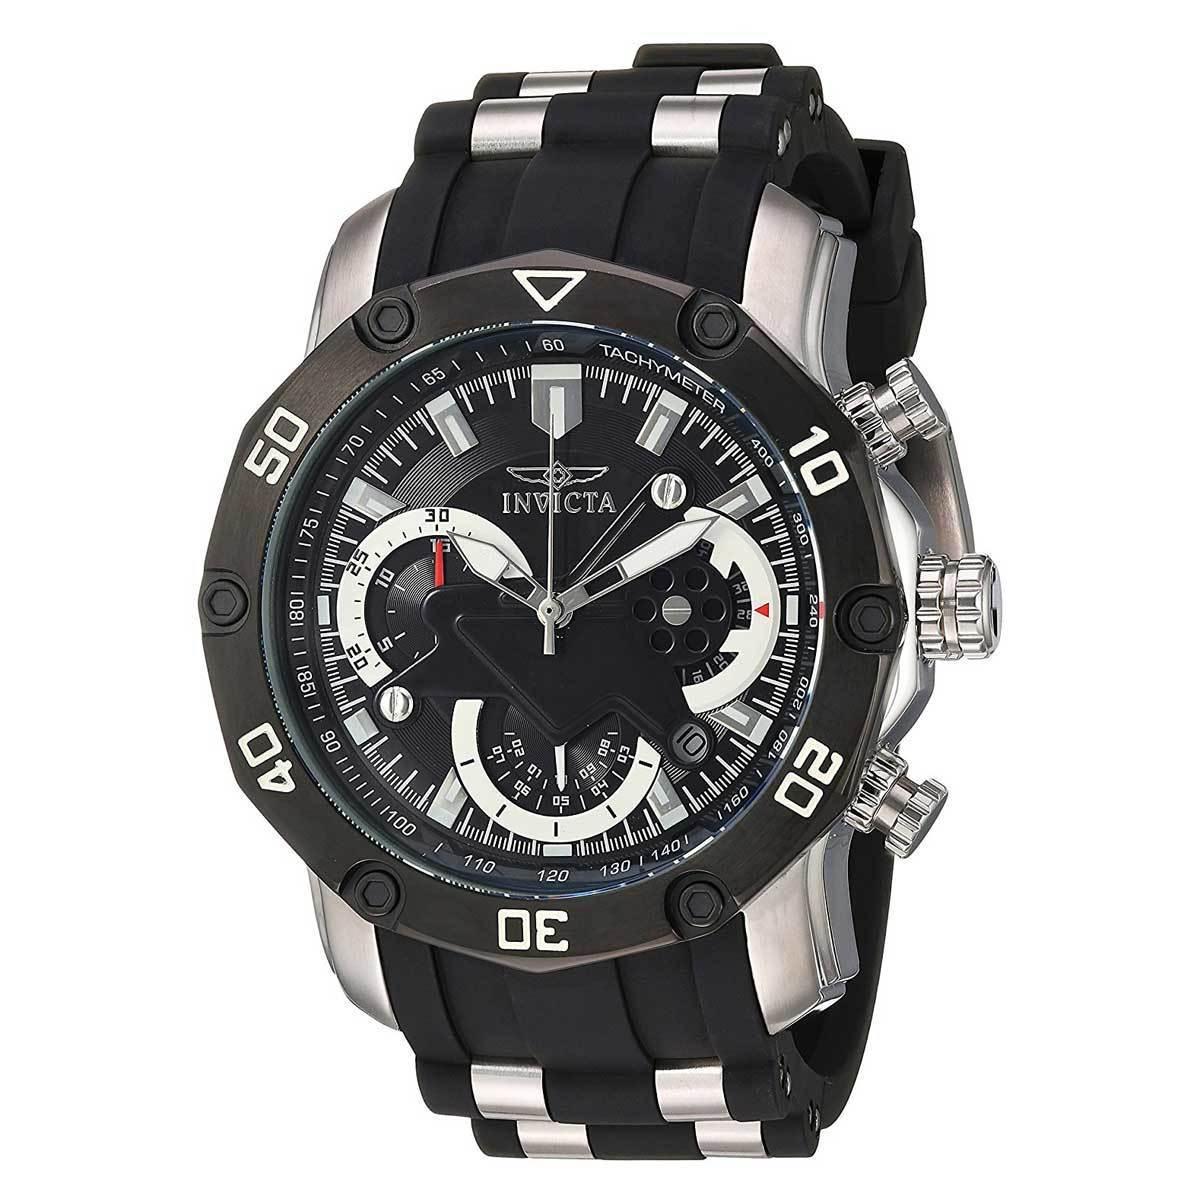 f784ab1750dd Banda poliuretano negro cuarzo analógico reloj de Invicta 22797 hombres Pro  Diver